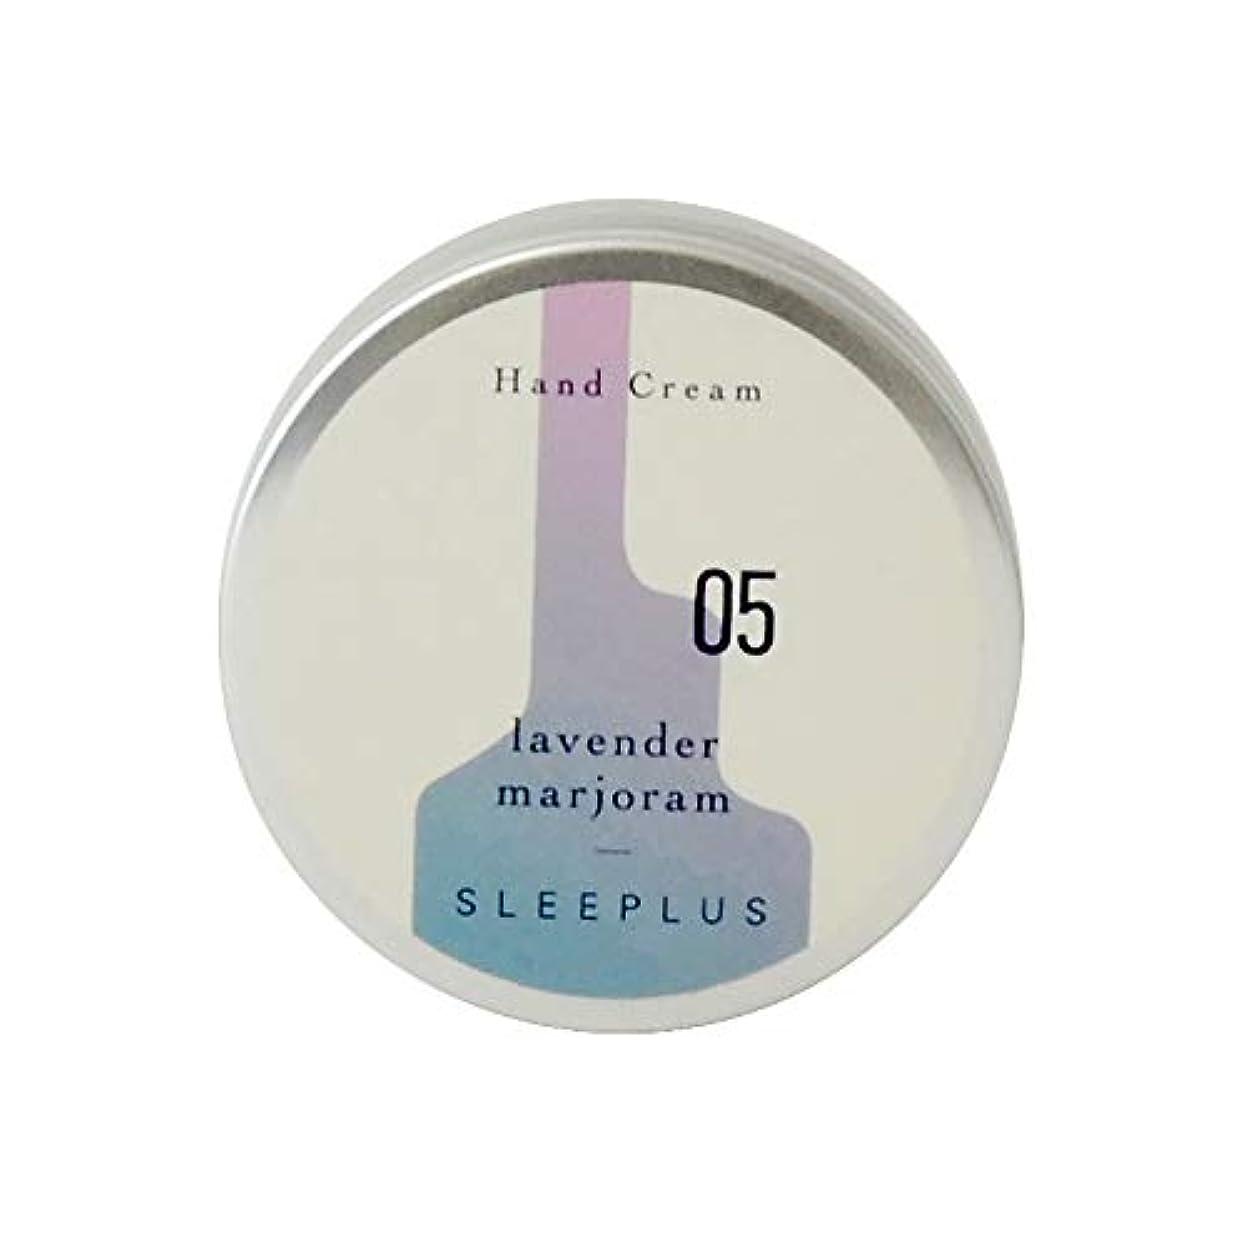 マカダム祭り組立Heavenly Aroom ハンドクリーム SLEEPLUS 05 ラベンダーマージョラム 75g